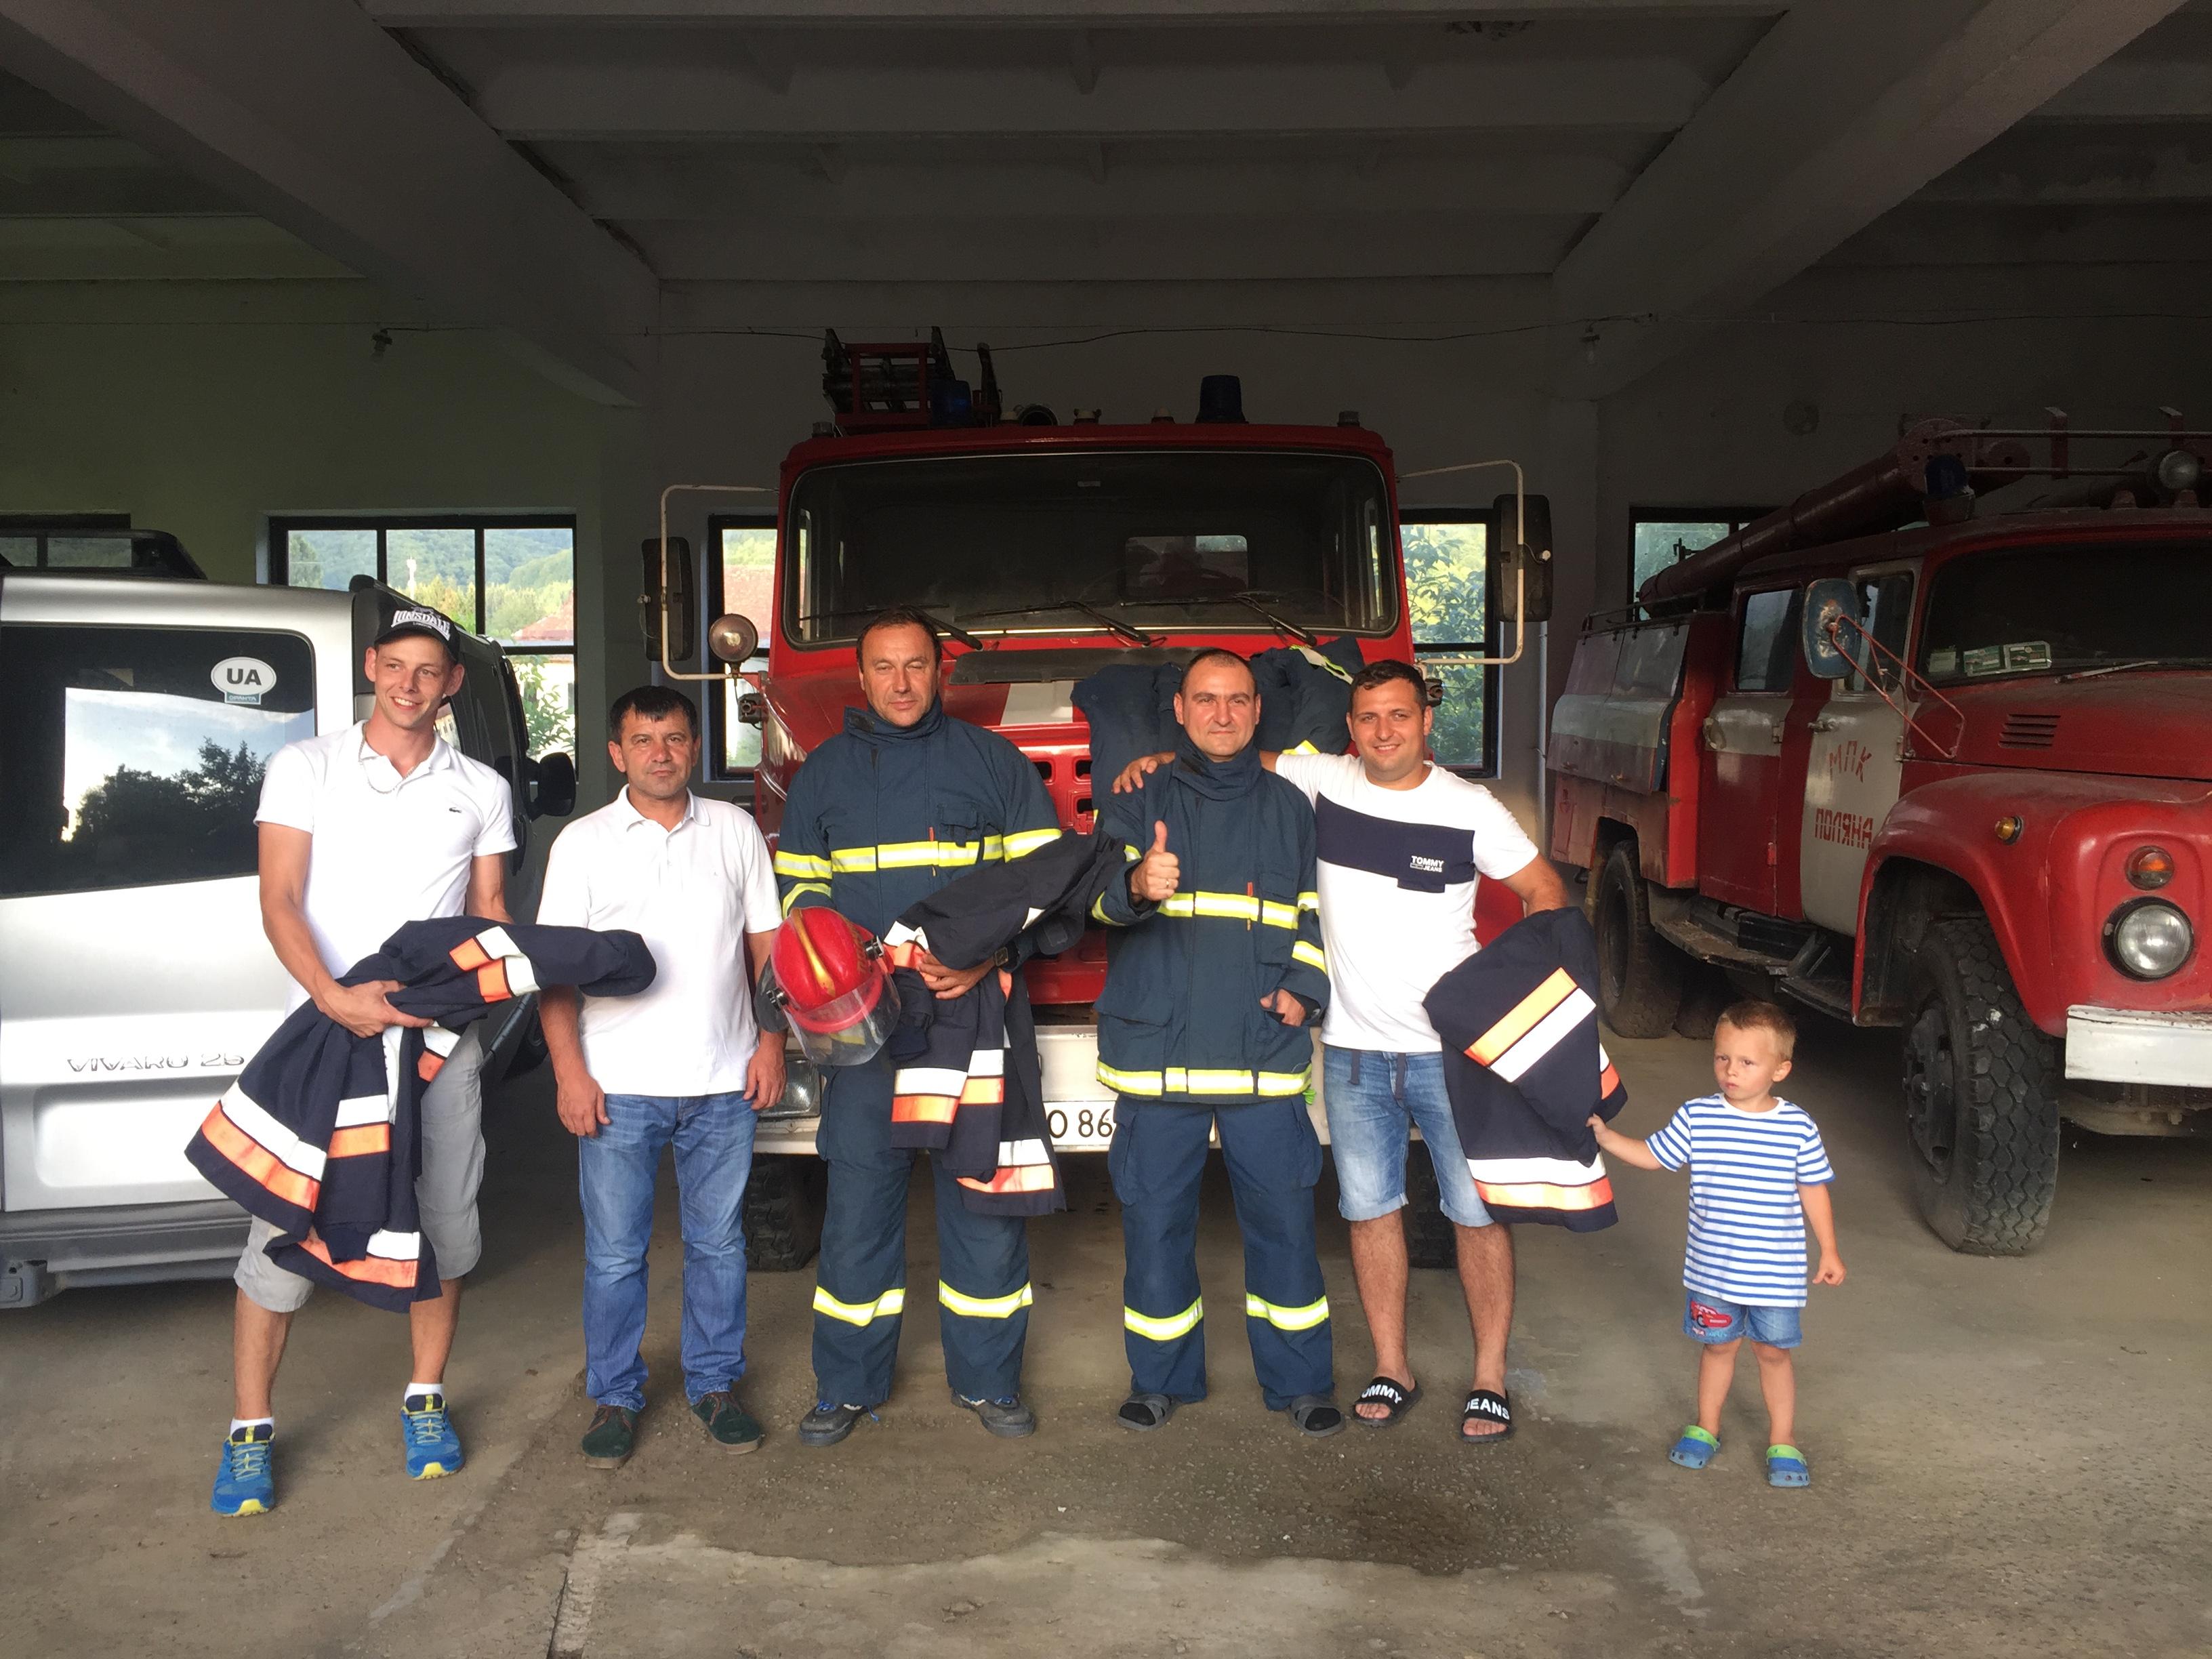 МПК с. Поляна отримала чотири пожежно - рятувальні костюми від рятувальників з Чехії